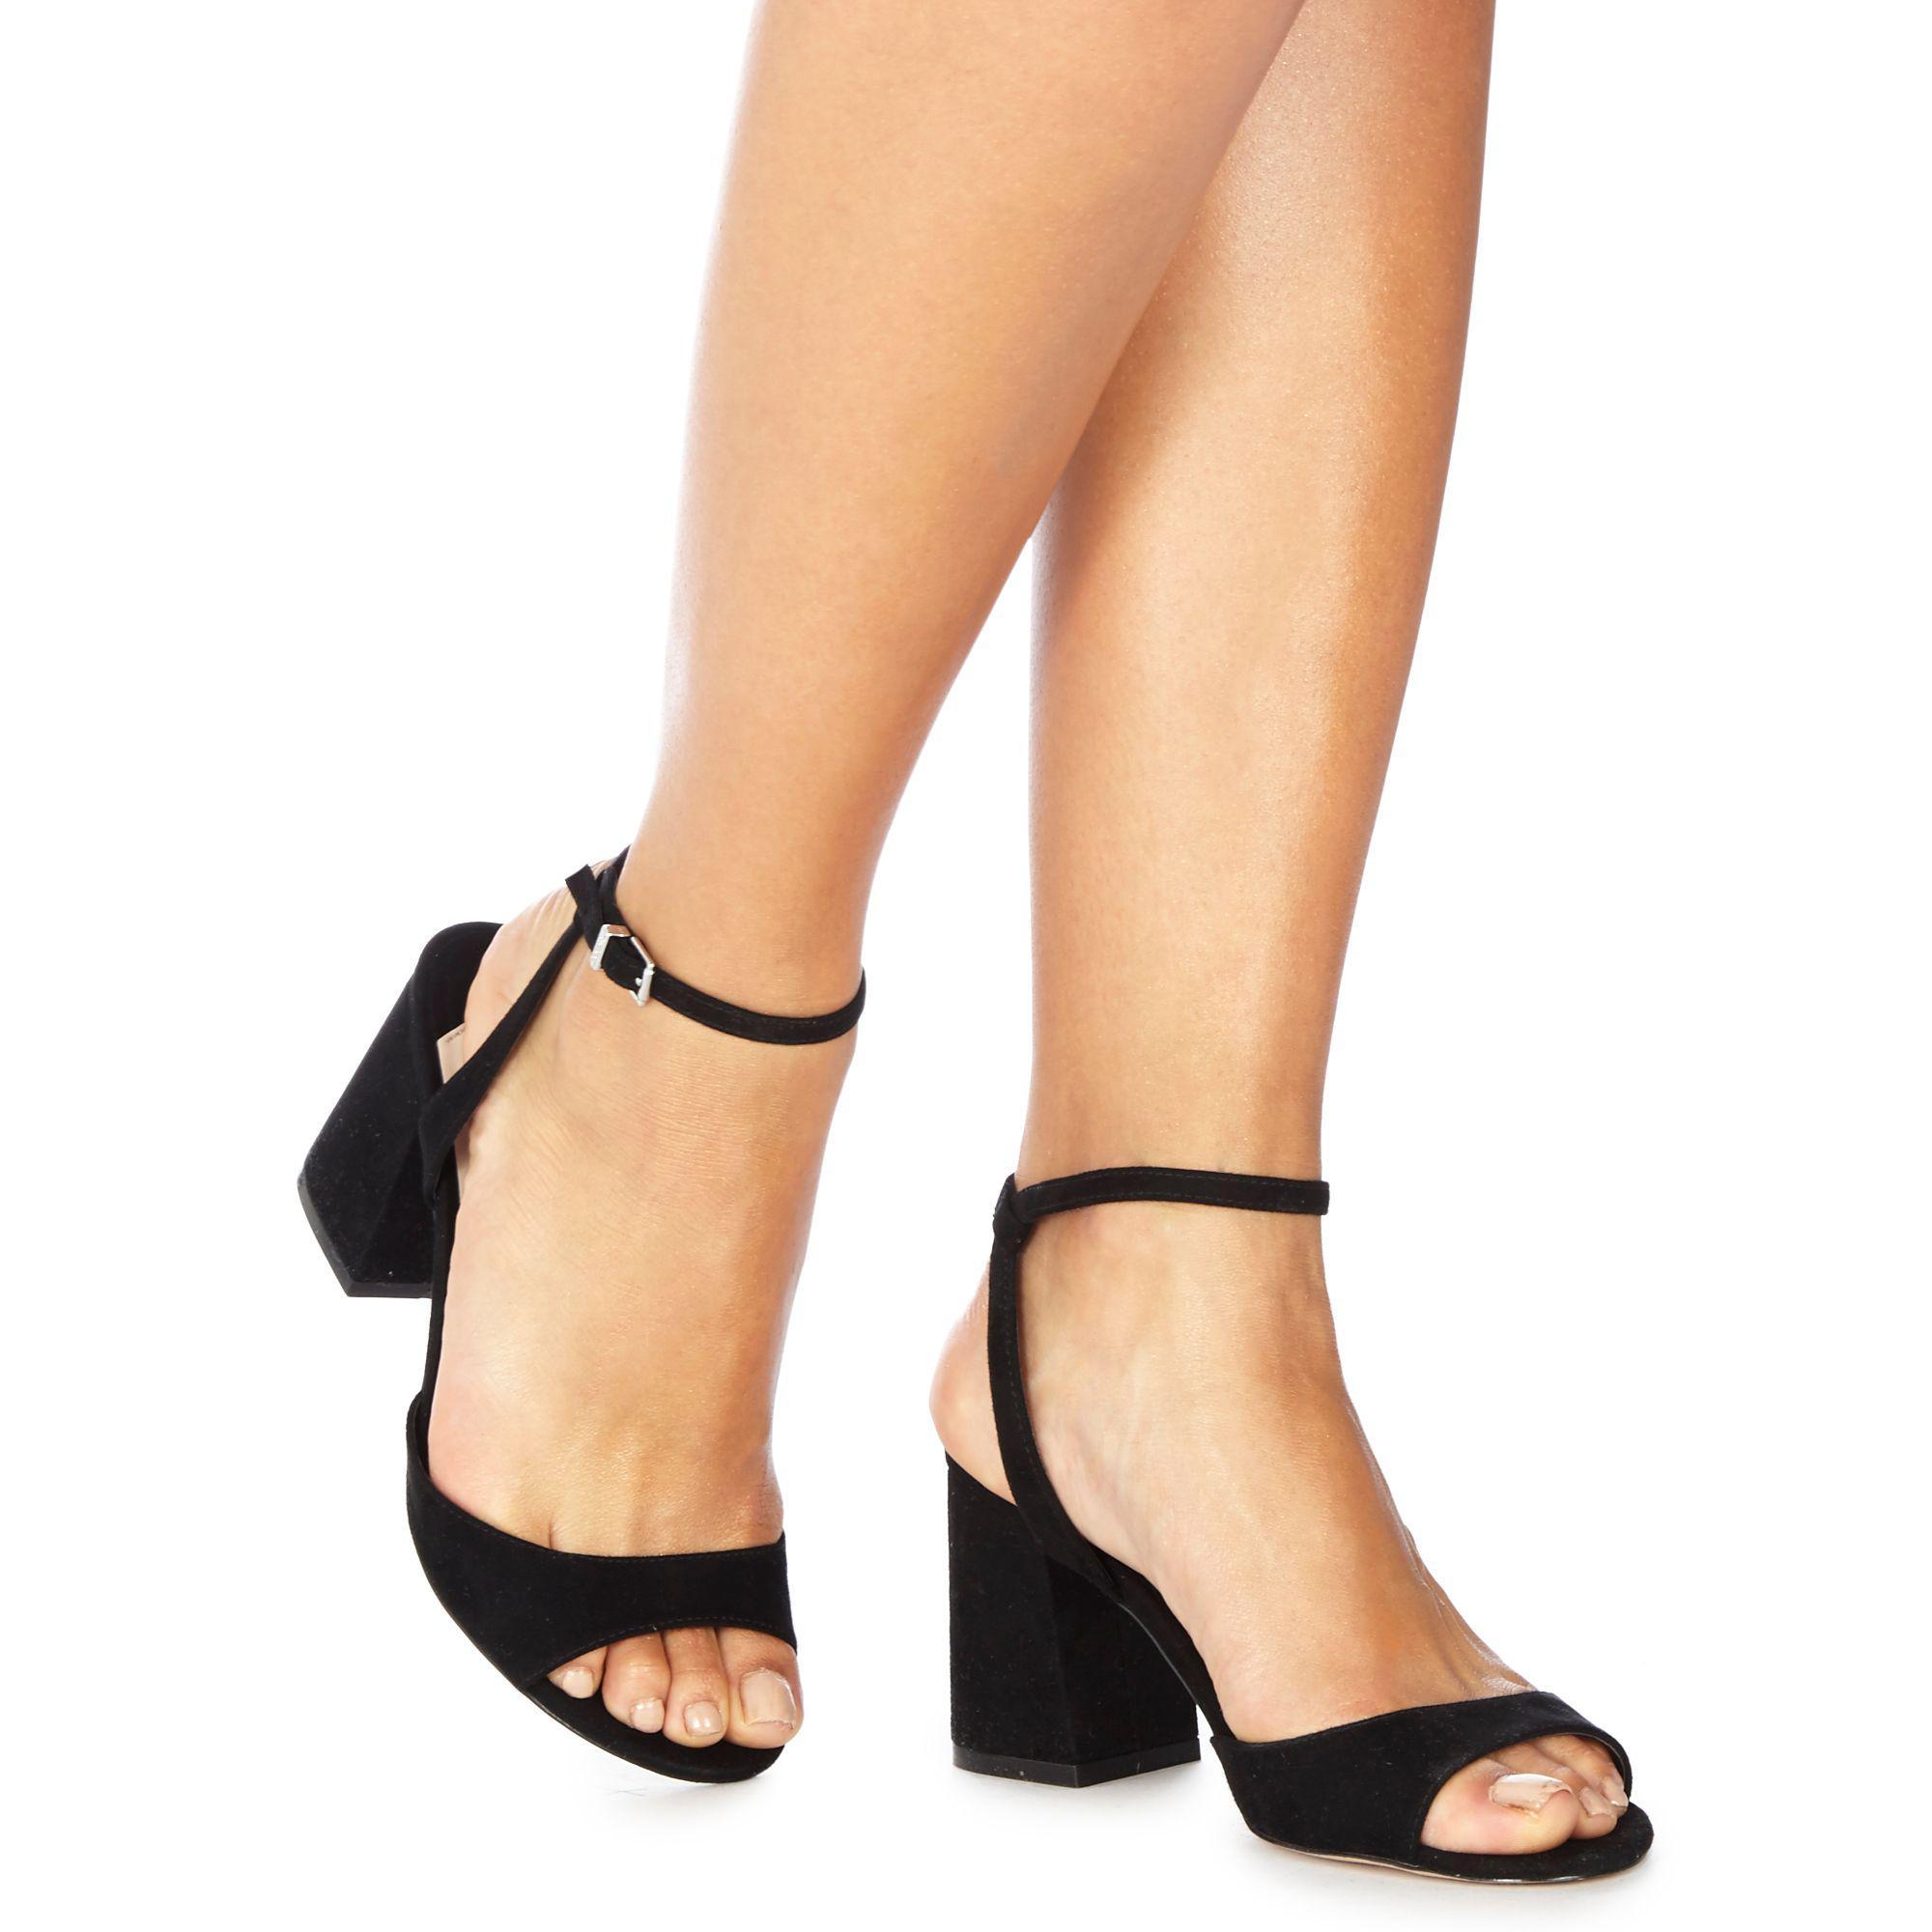 ec8c5e687280 Faith. Women s Black Suedette  danicar  Mid Block Heel Ankle Strap Sandals